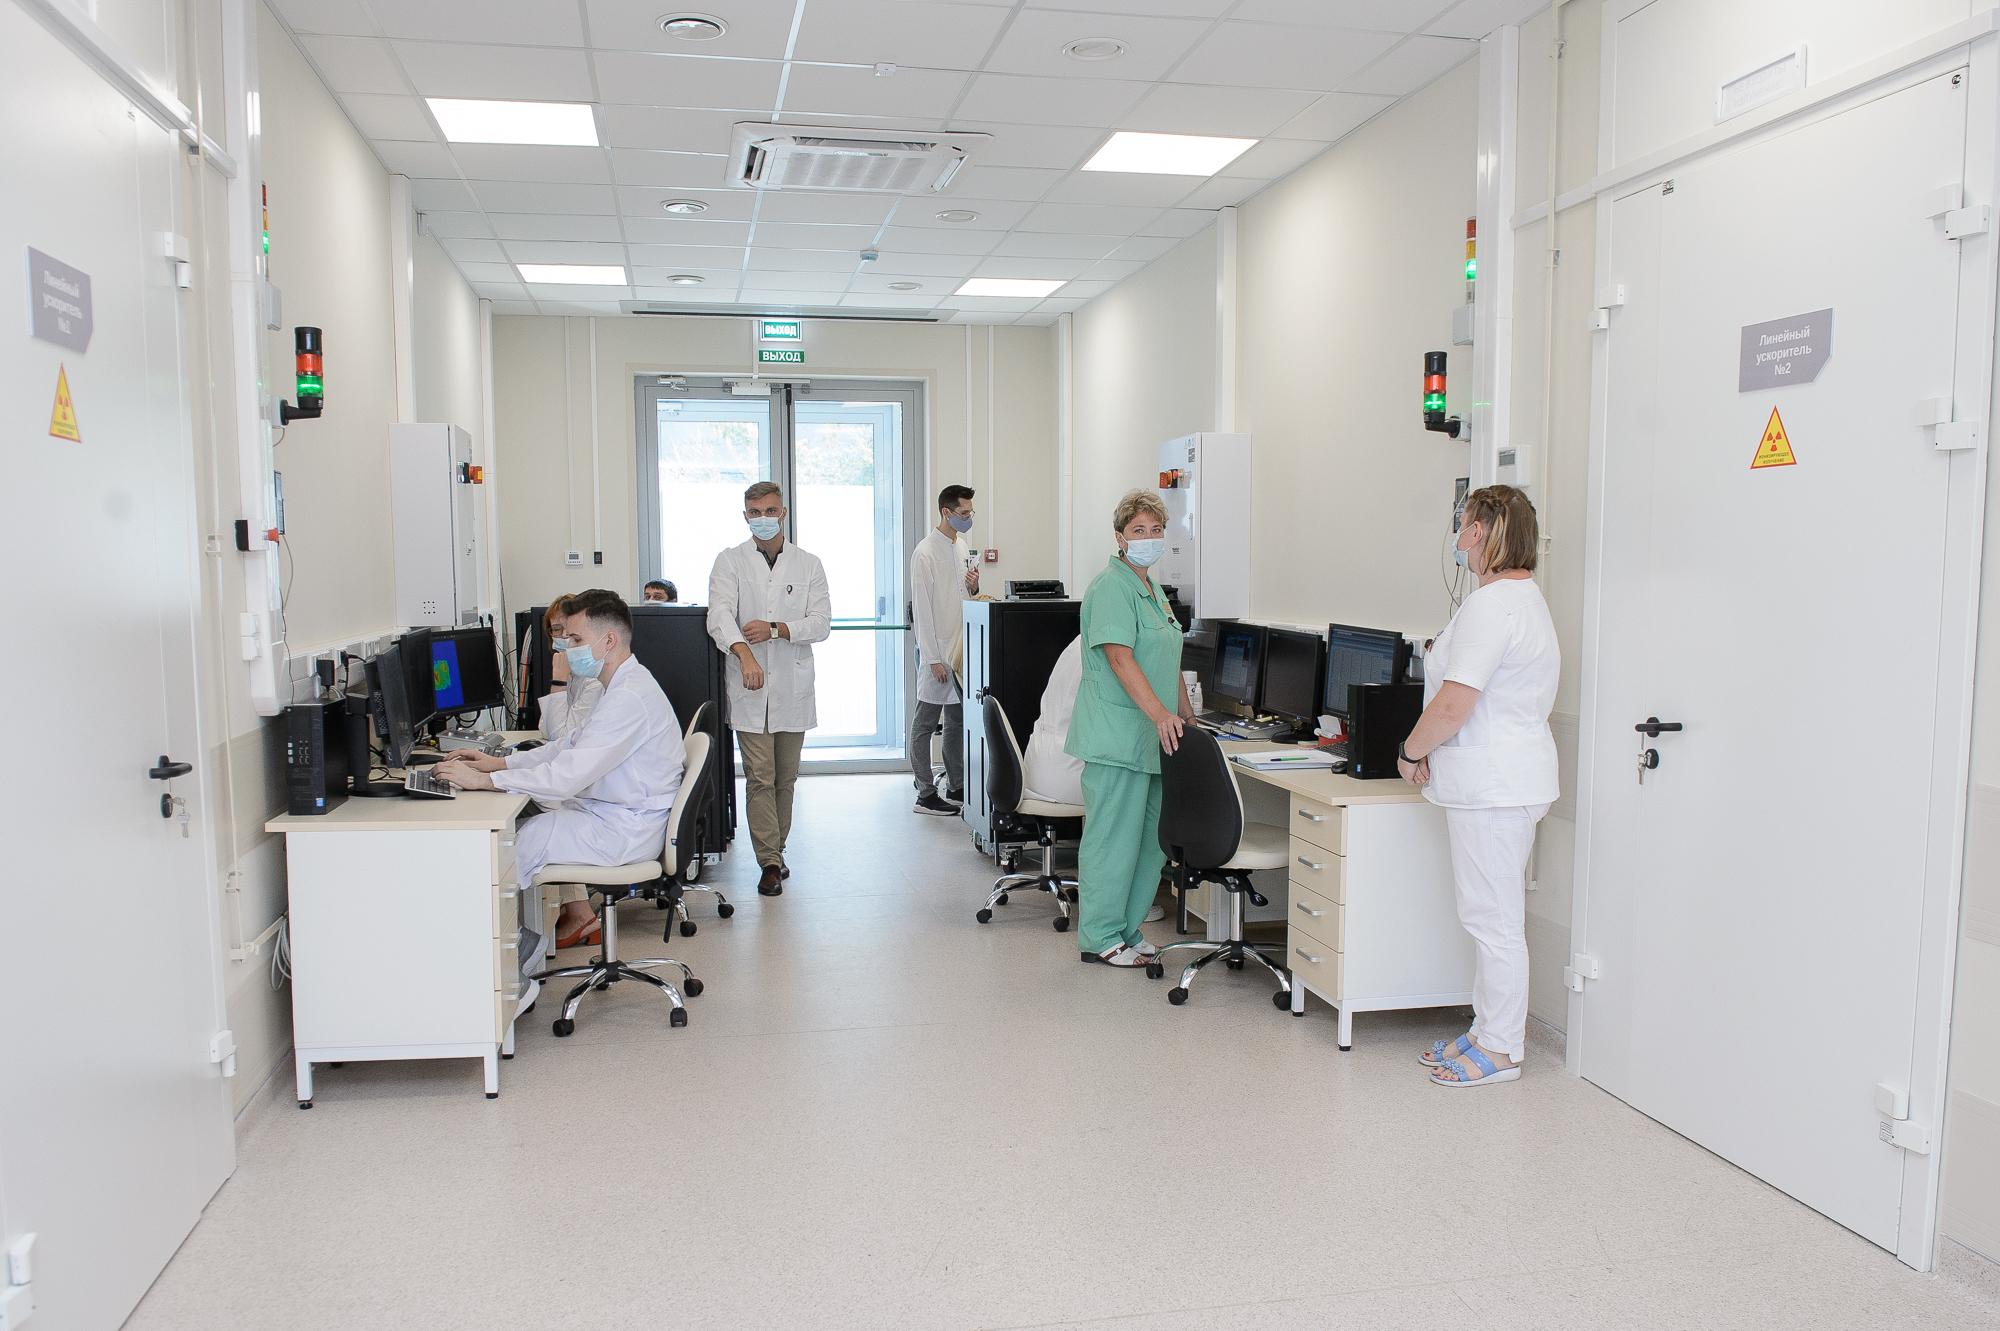 Александр Гусев посетил открывшееся радиотерапевтическое отделение №1 Воронежского областного клинического онкологического диспансера.